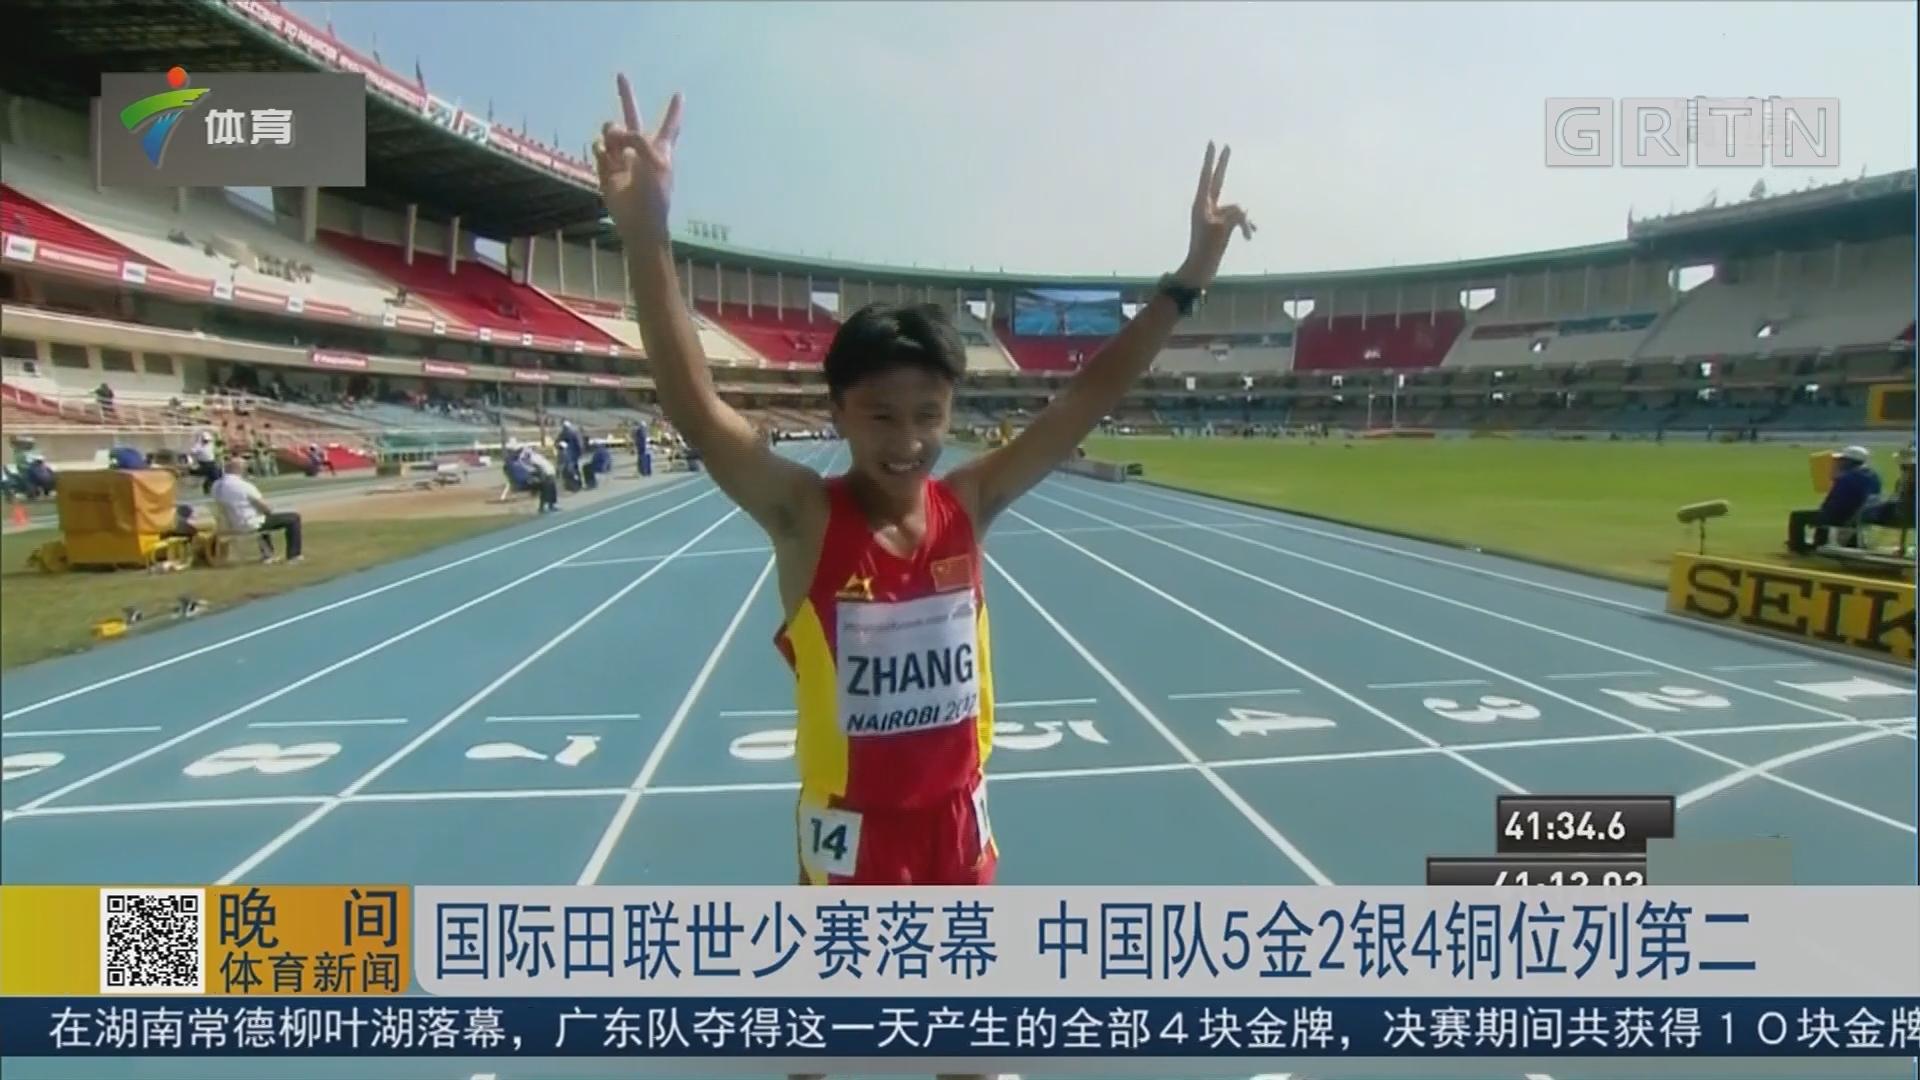 国际田联世少赛落幕 中国队5金2银4铜位列第二